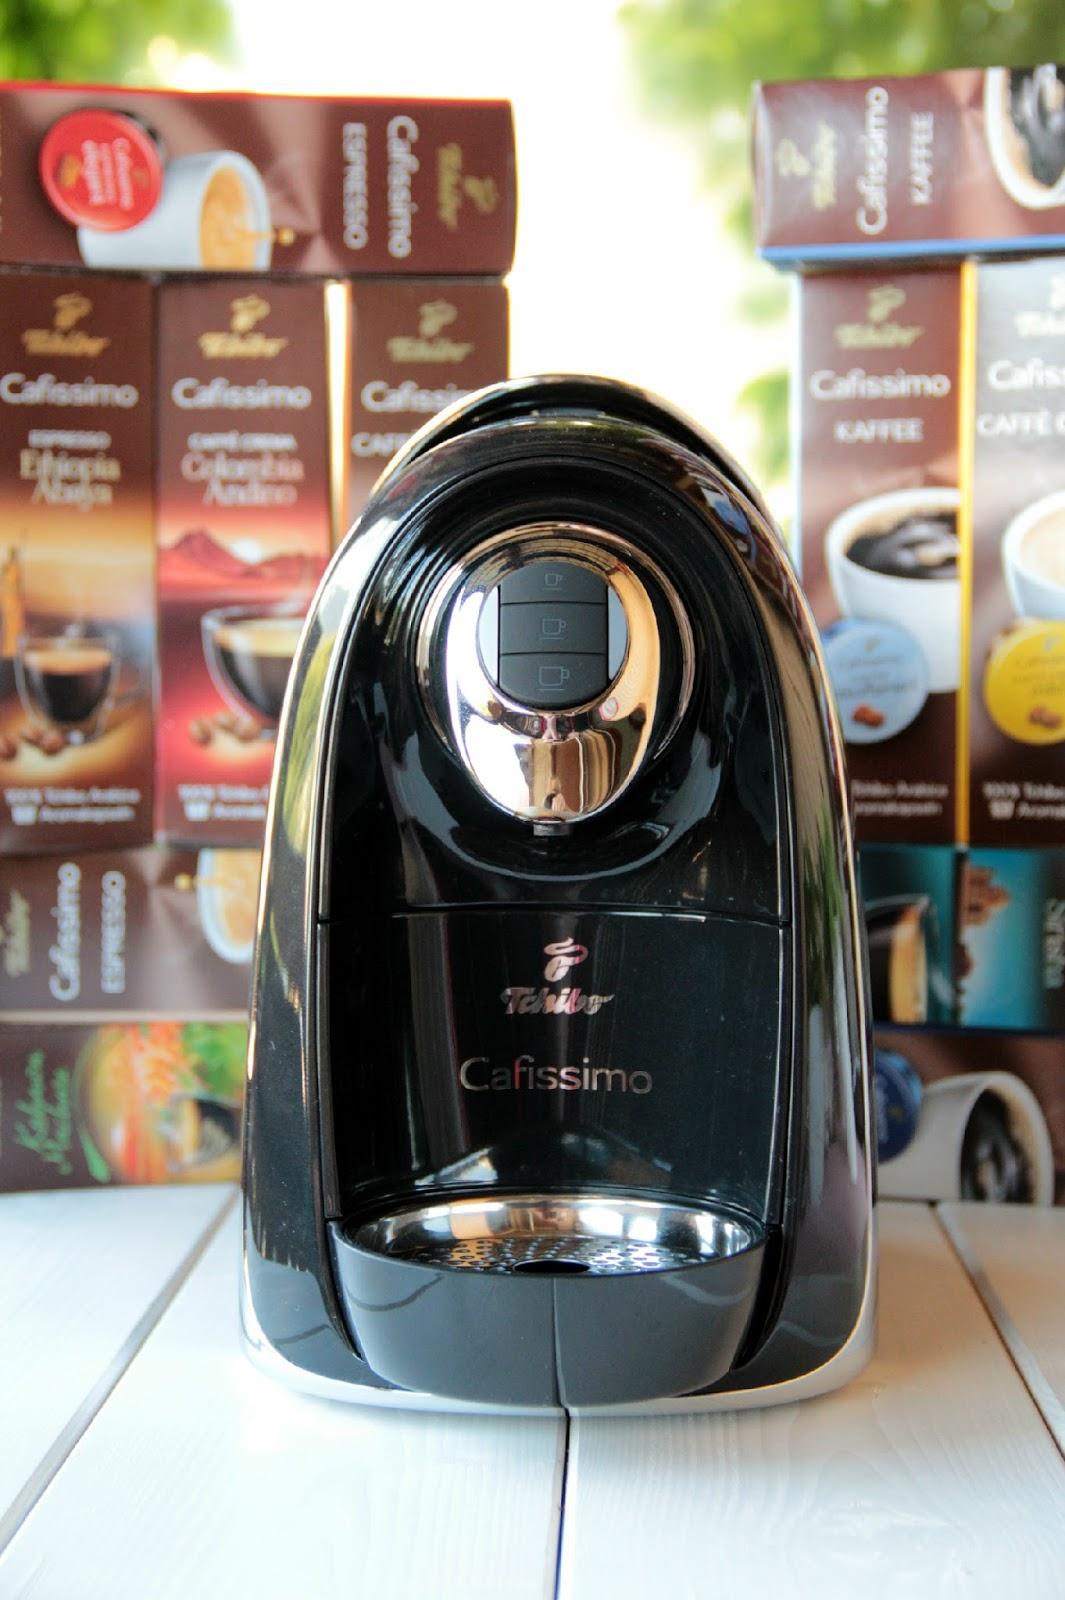 die gl cklichmacherei schwarzes gold eine kaffeemaschine im test. Black Bedroom Furniture Sets. Home Design Ideas